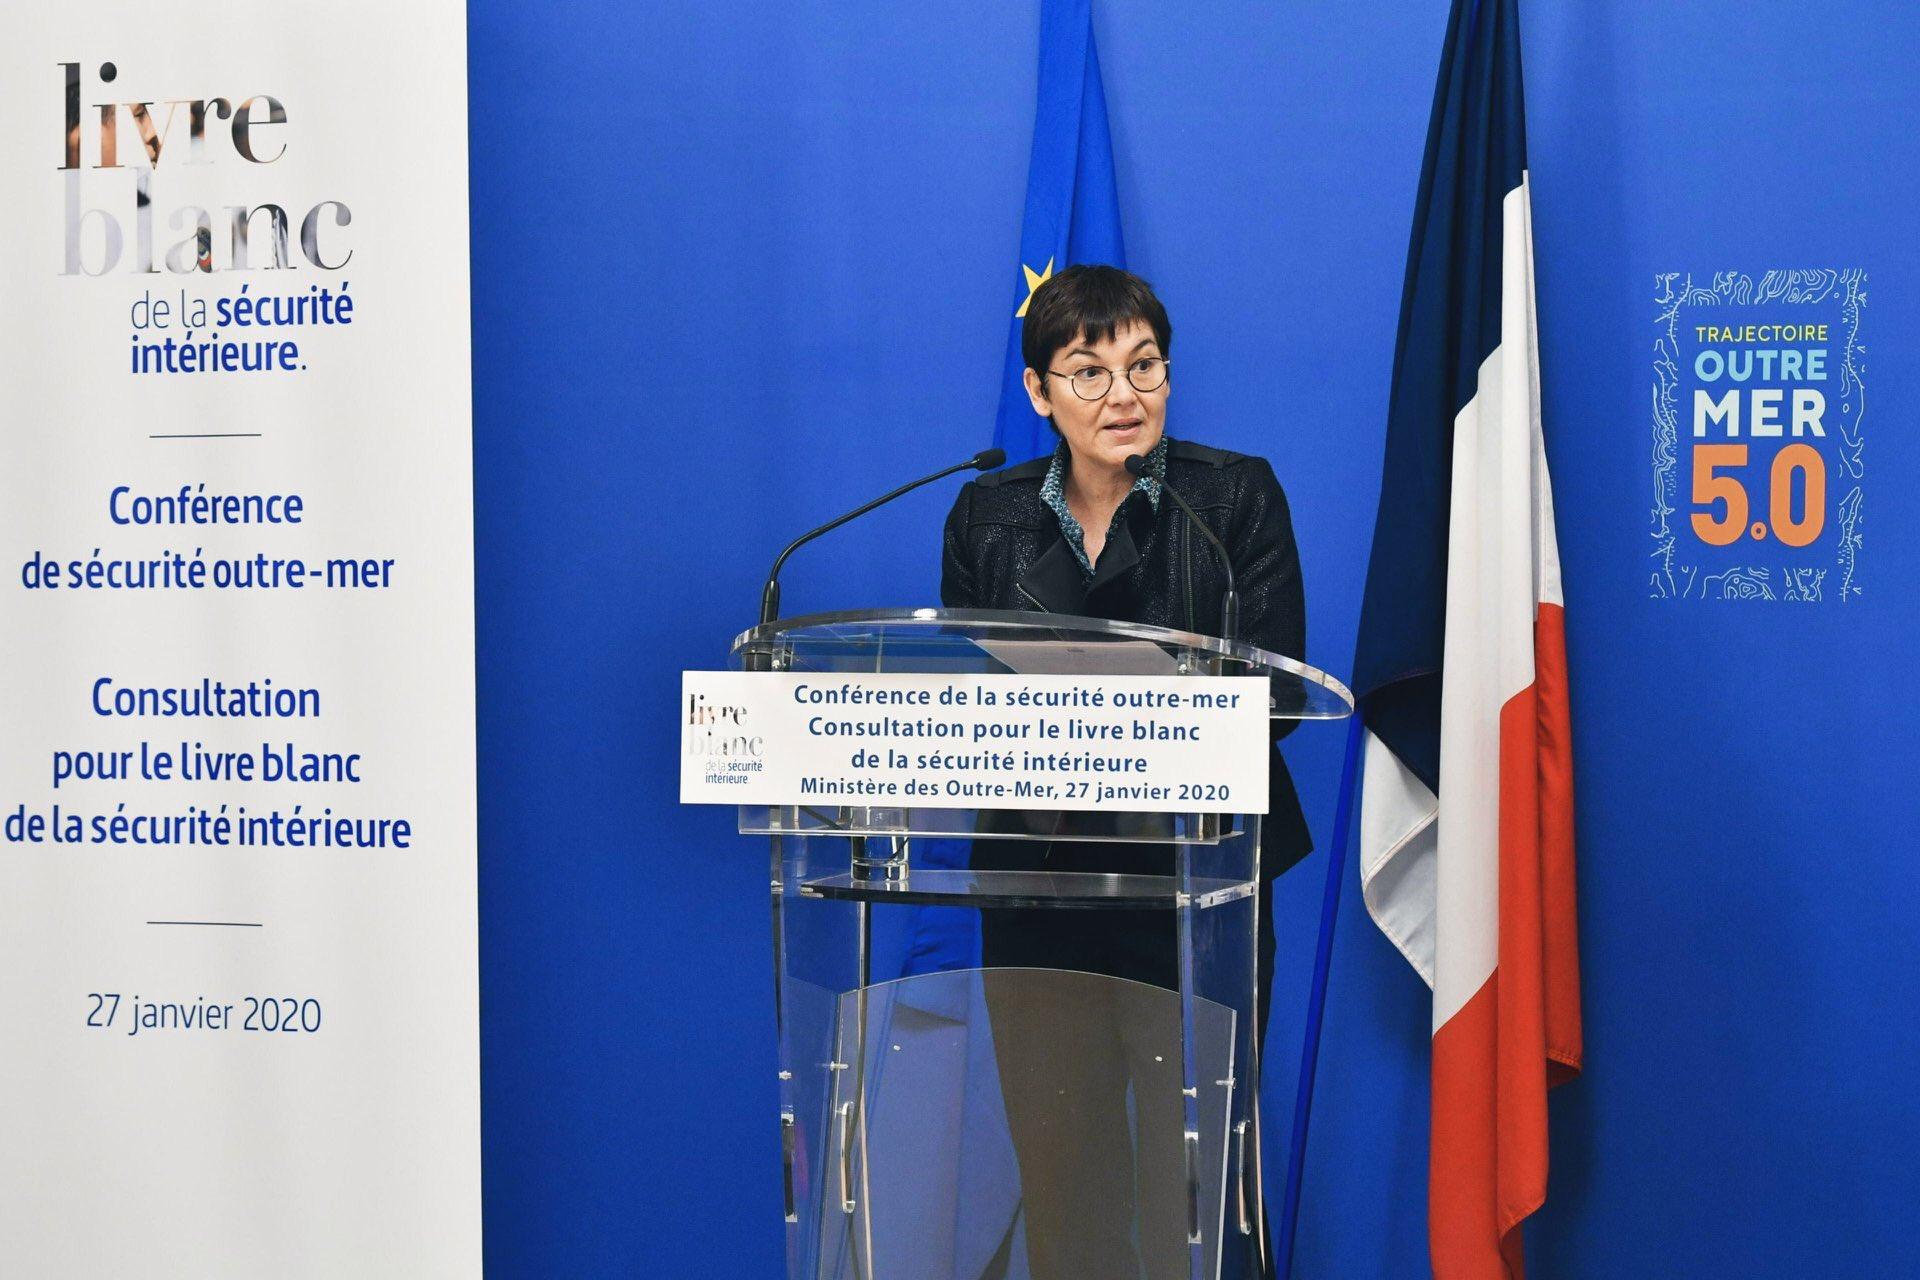 Sécurité Outre-mer : Annick Girardin veut « renforcer la prise en compte des spécificités de nos territoires » dans le Livre blanc de la Sécurité intérieure